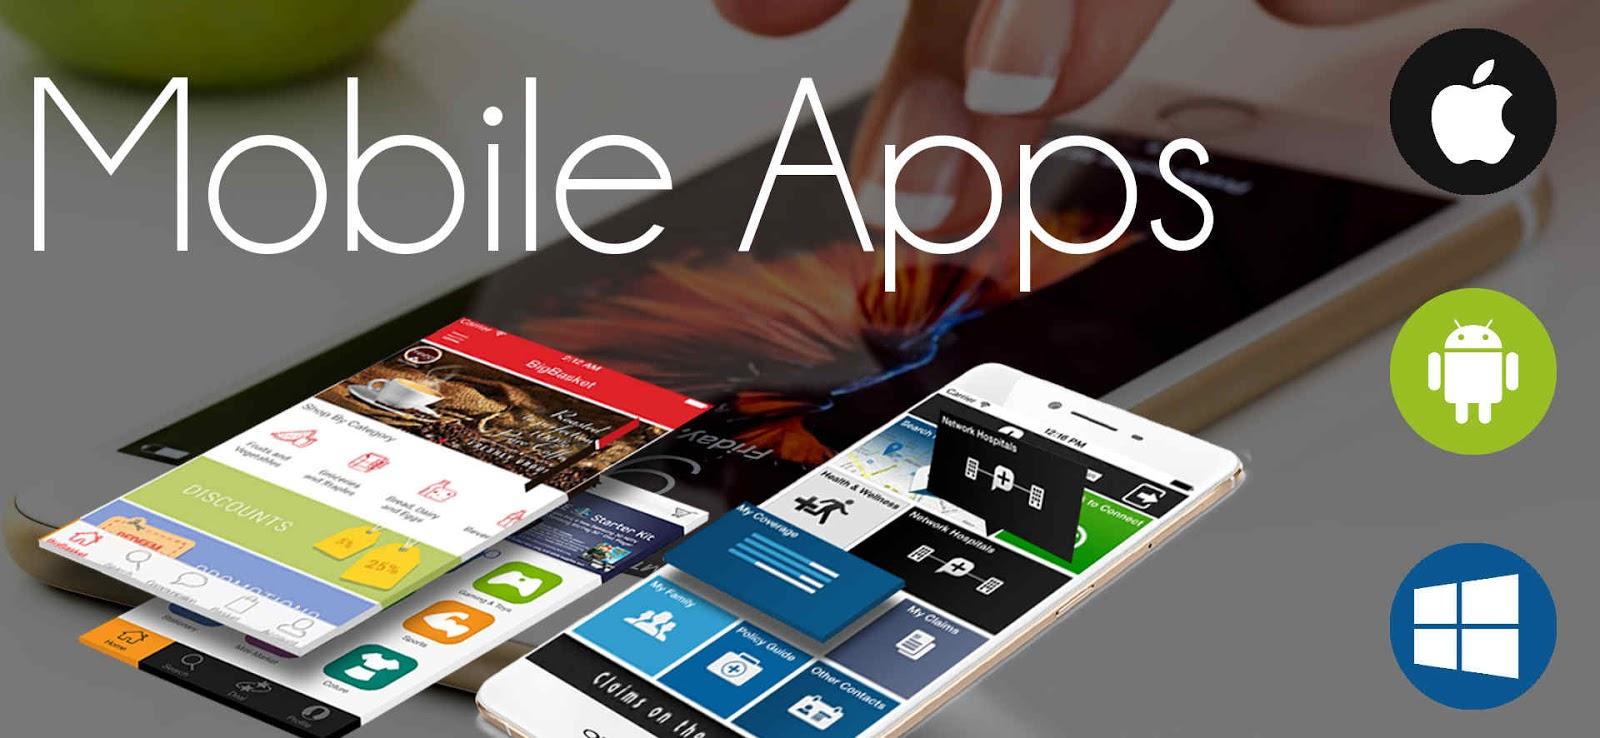 Tutorial Membuat Aplikasi Mobile Android & iOS dengan